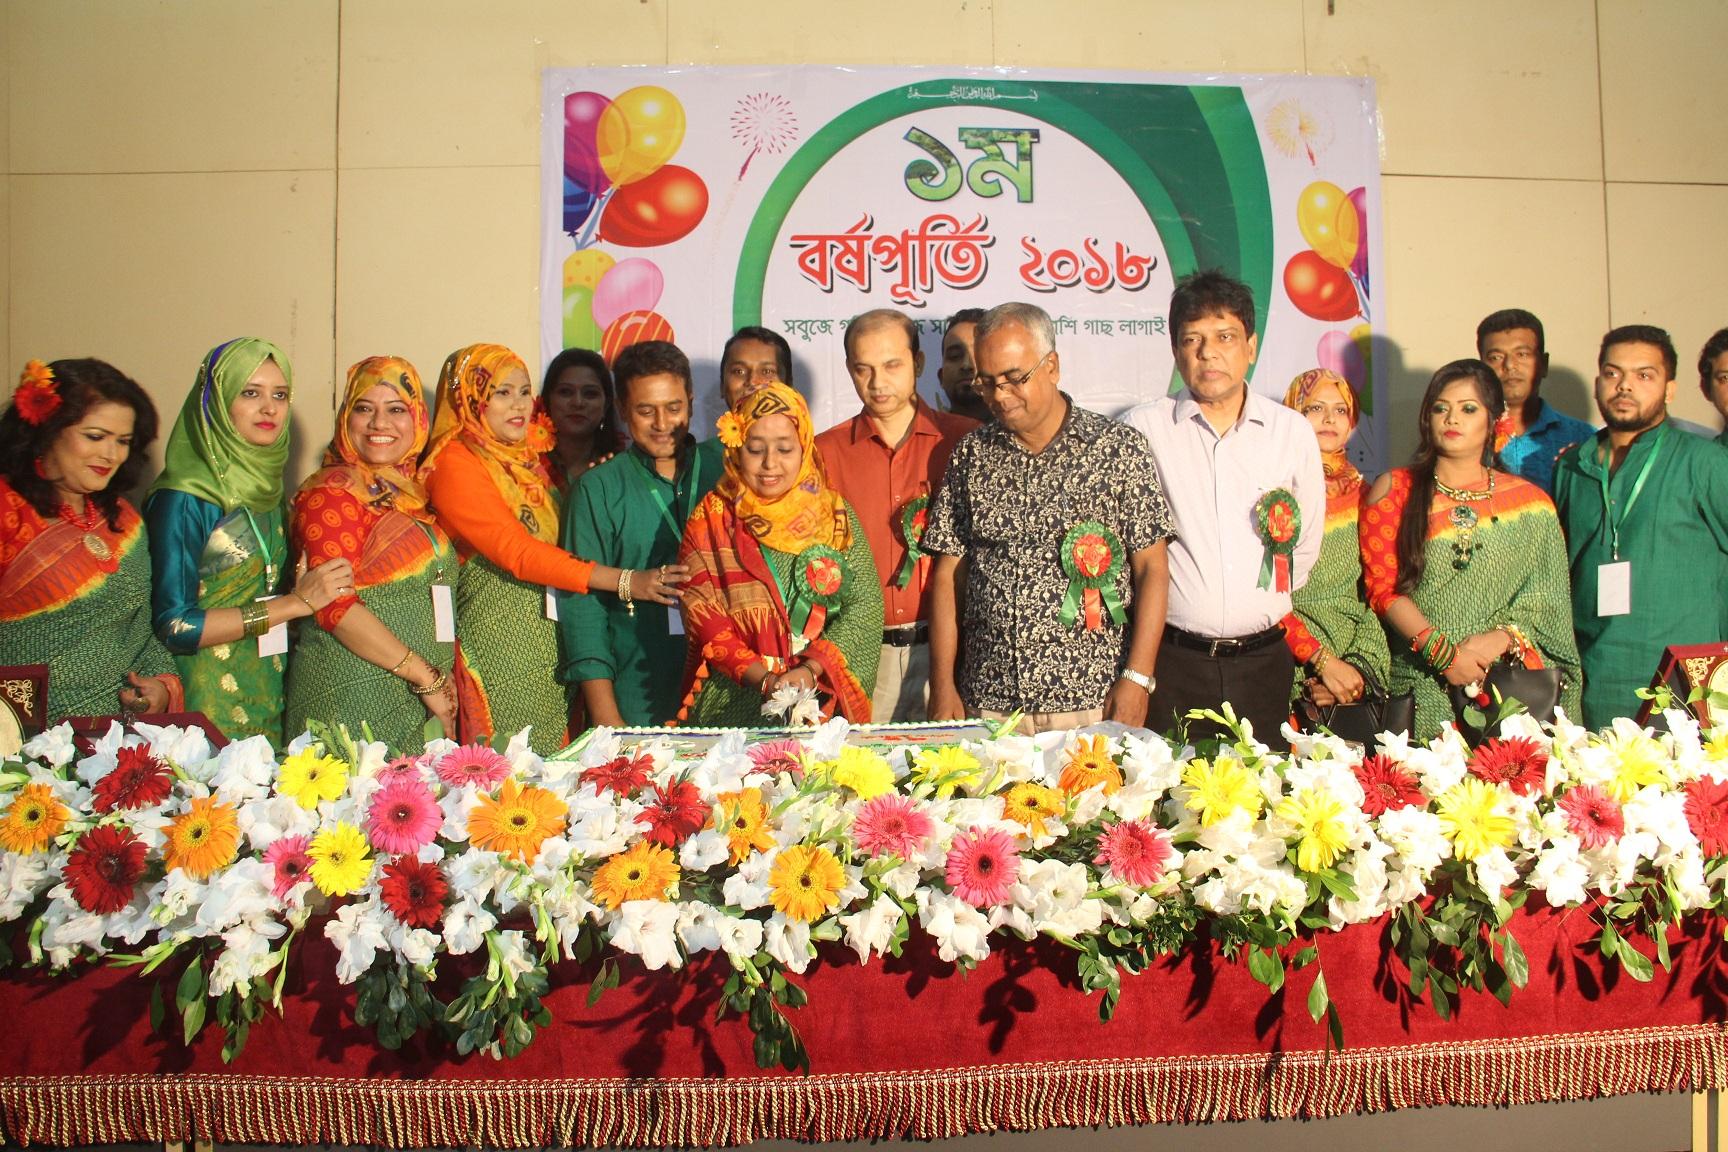 'চট্টগ্রাম বাগান পরিবার'র প্রথম বর্ষপূর্তি উৎসব পালন